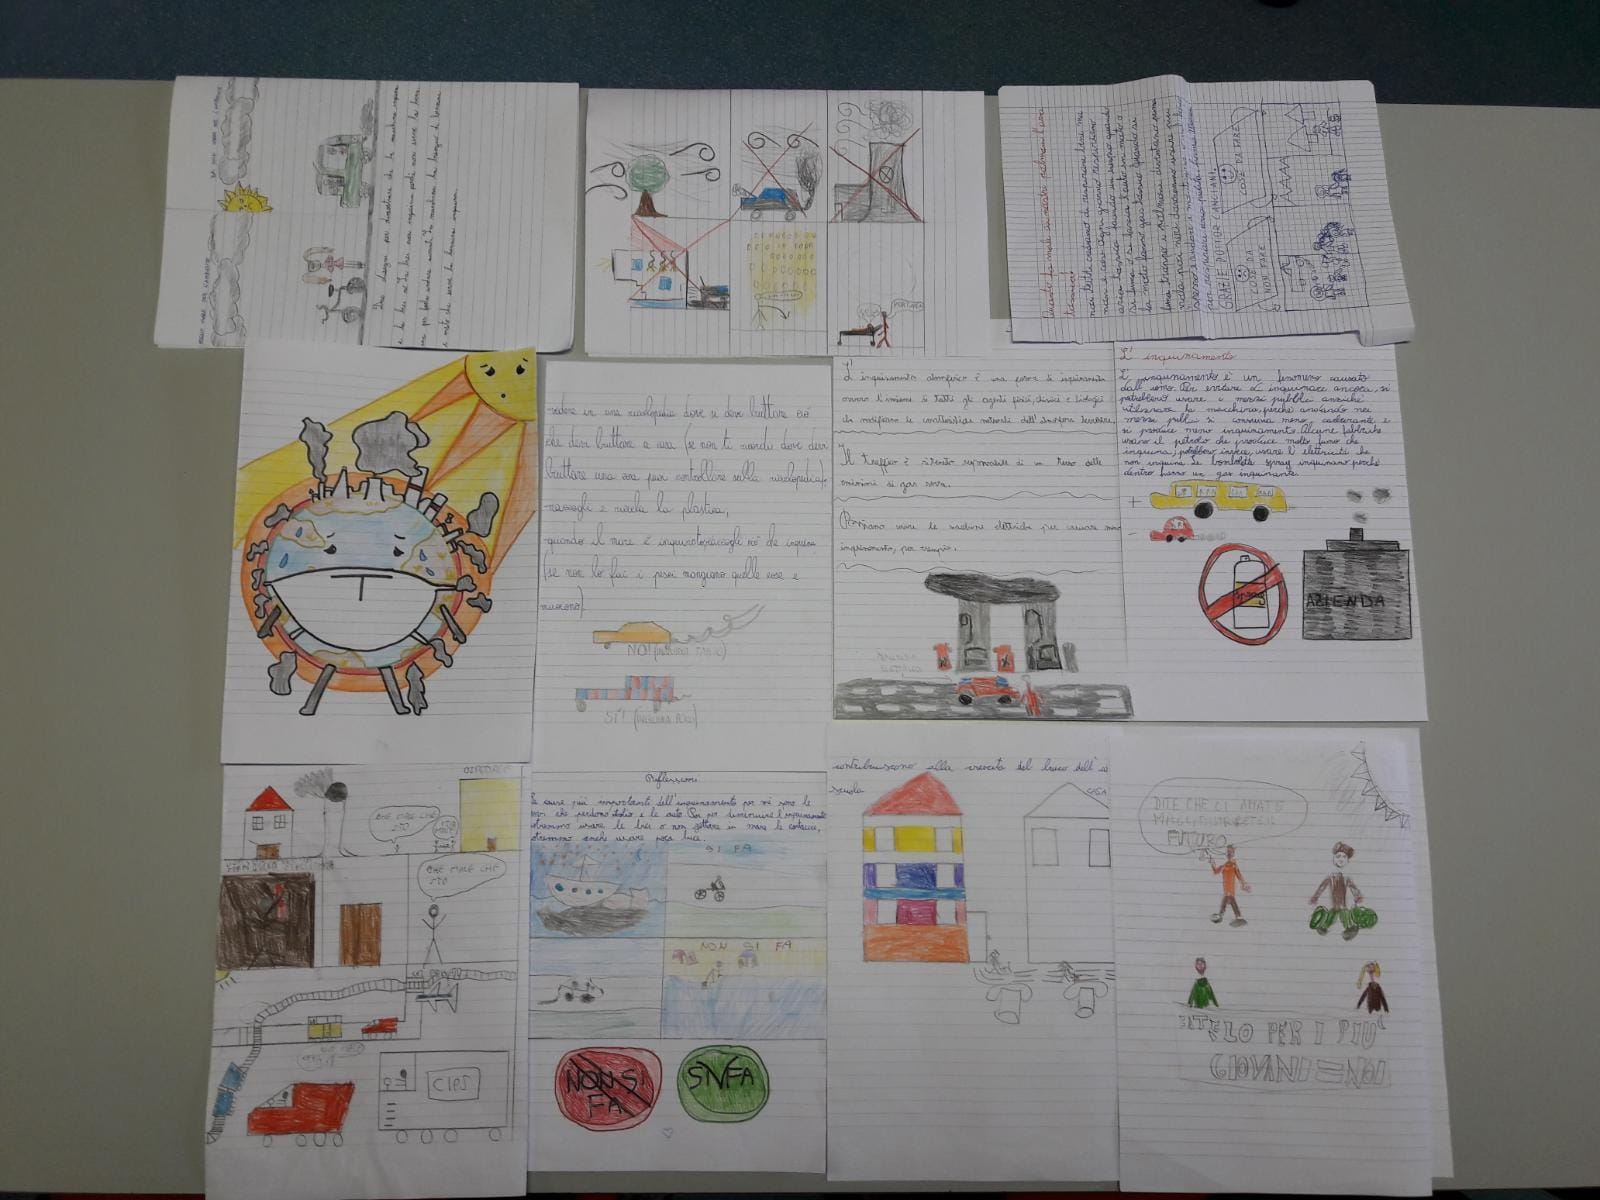 Una selezione dei temi e dei disegni